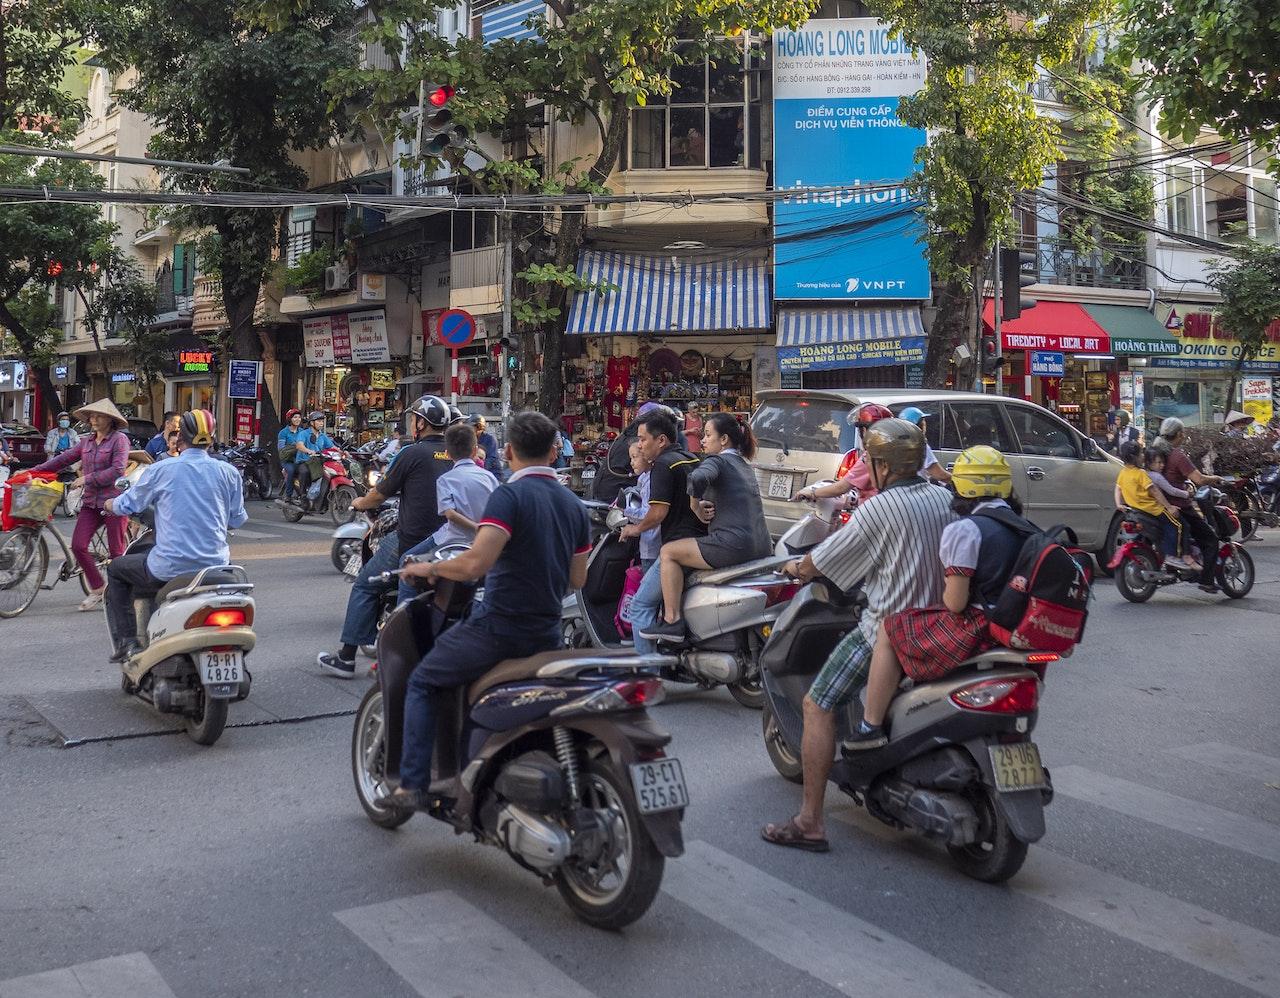 Living in Vietnam